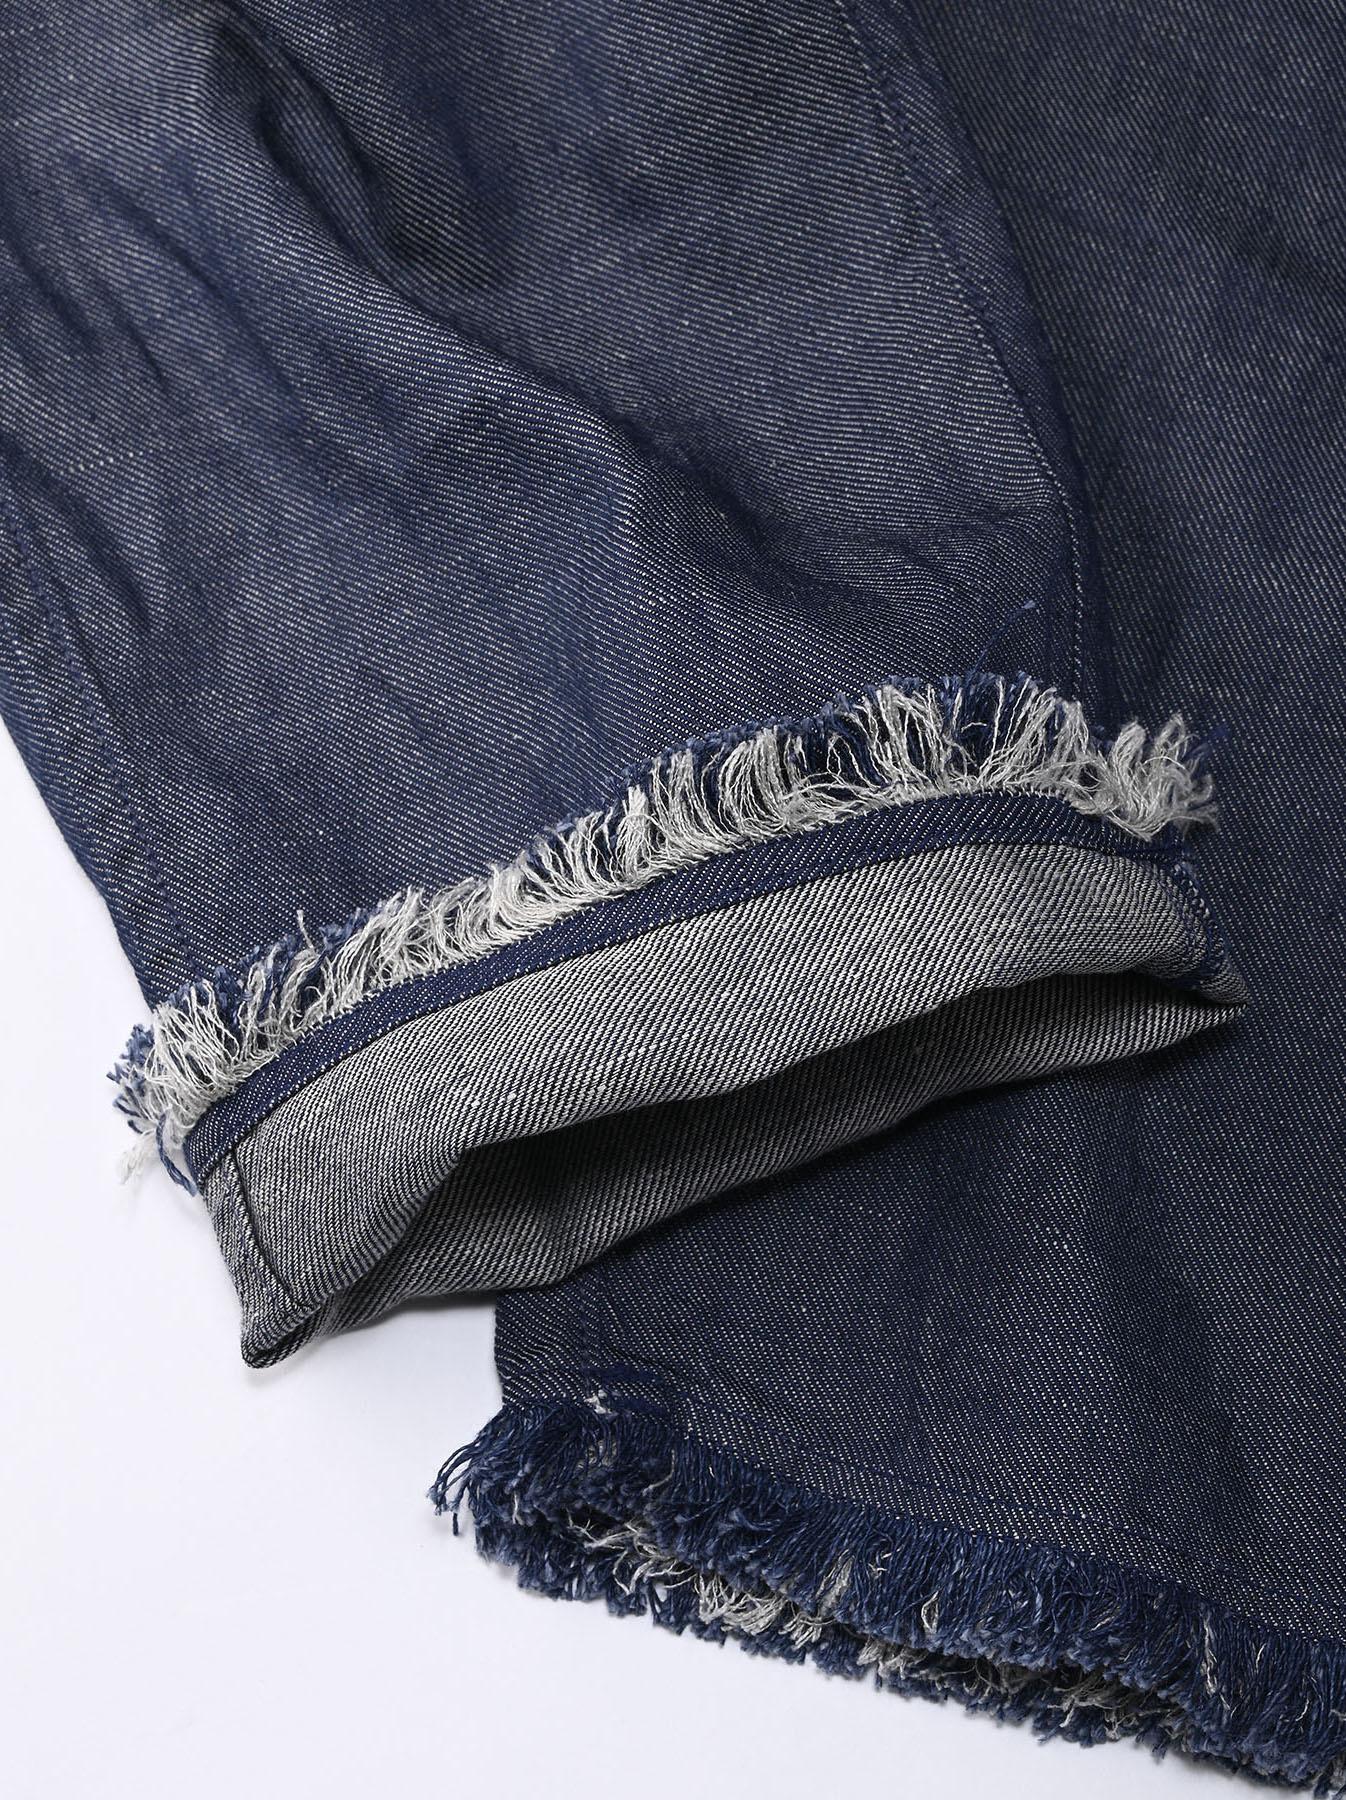 Indigo Cotton Linen Zakkuri Denim Easy Pants (0521)-10